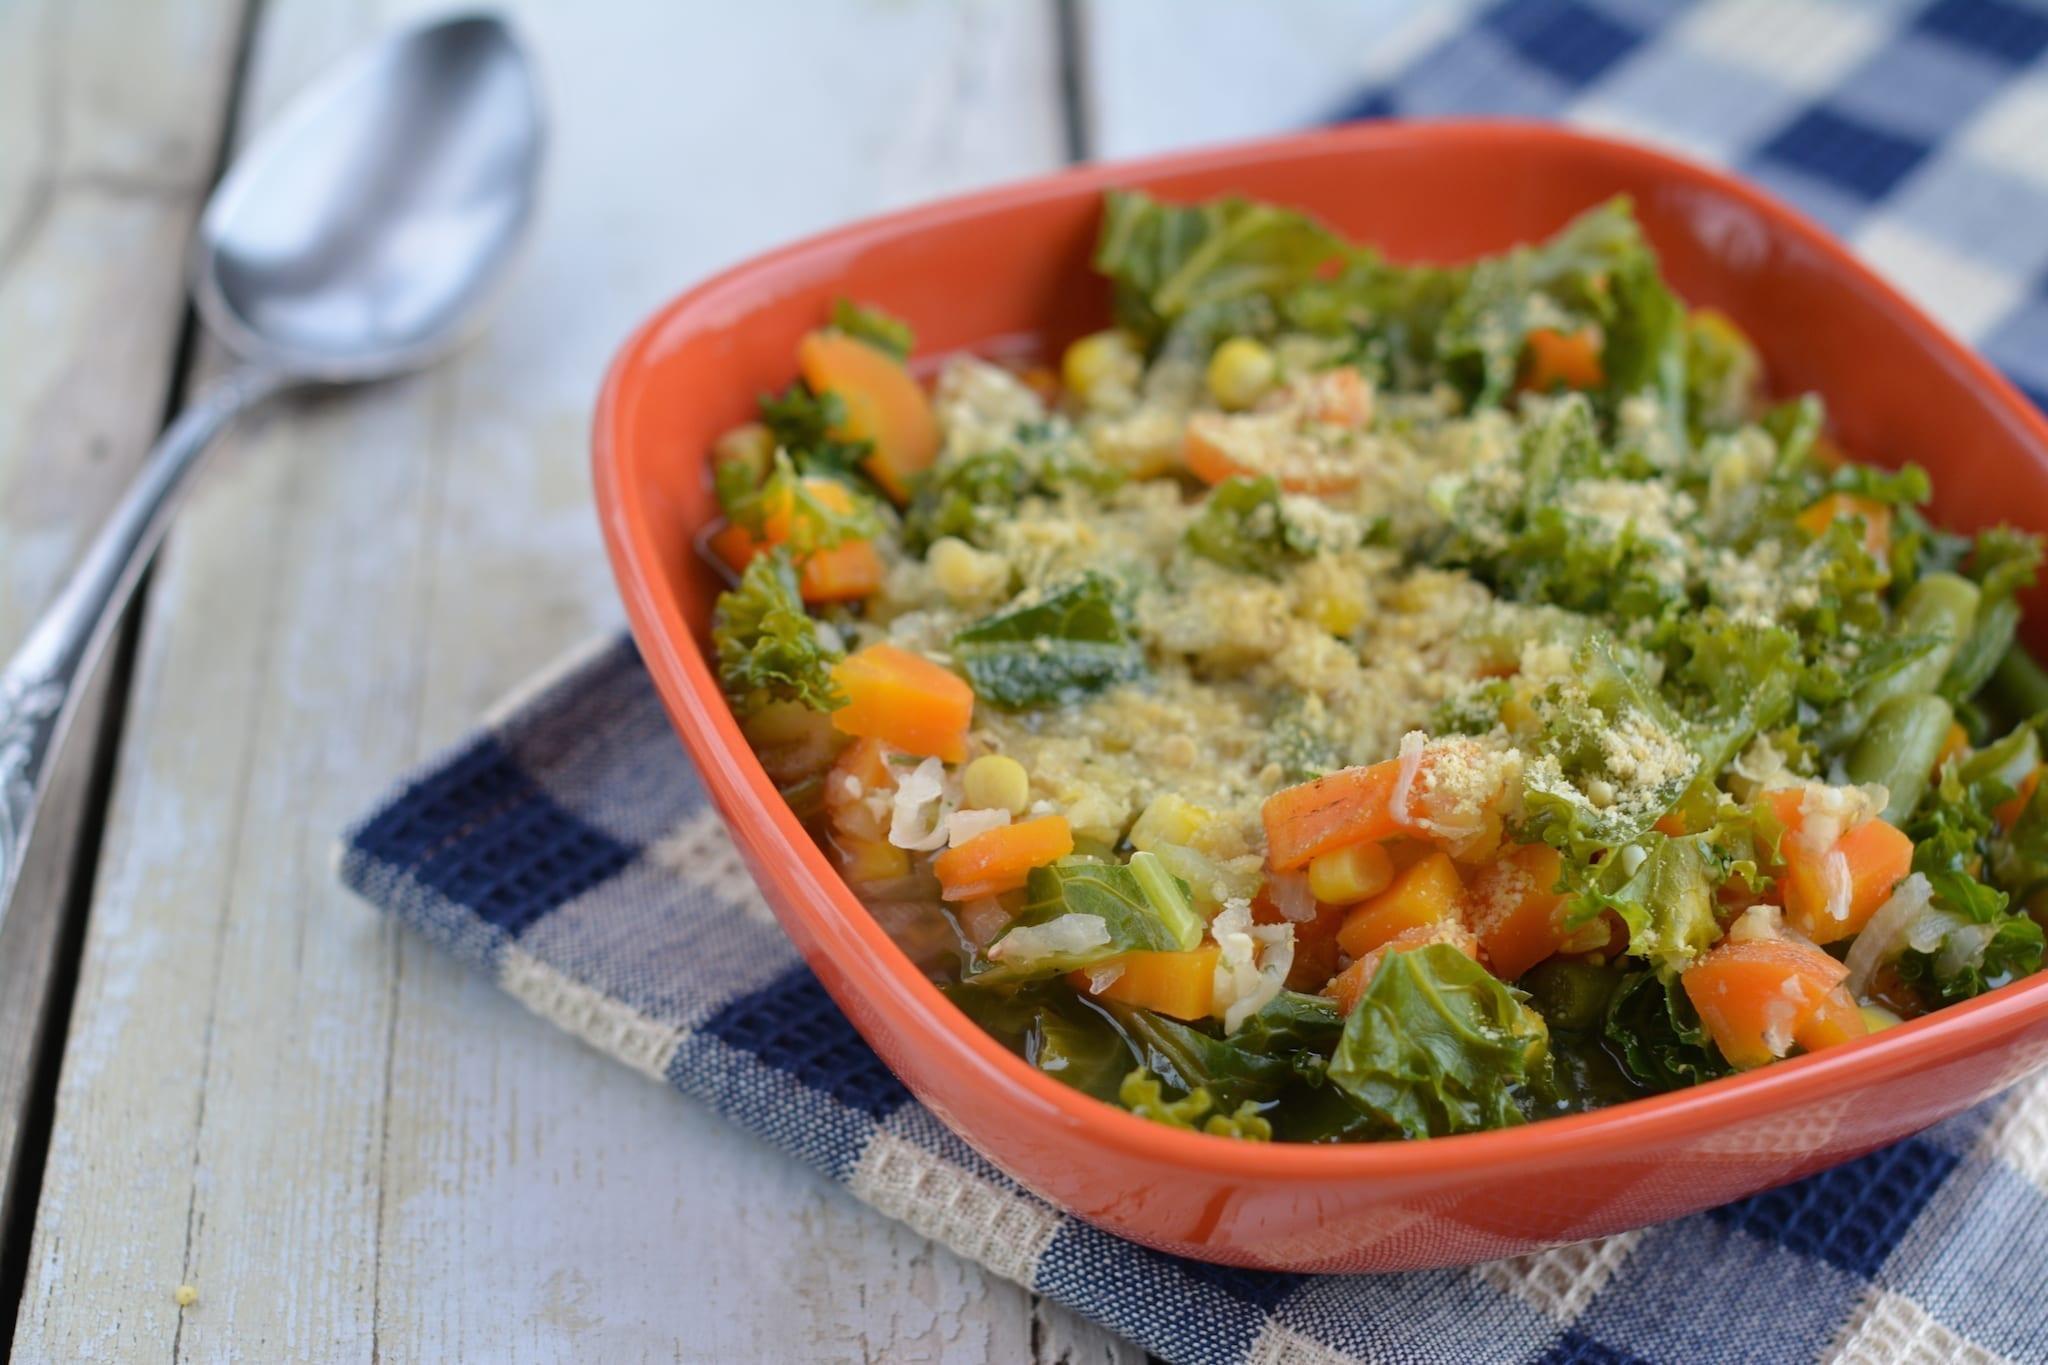 Lentil-Kale-Carrot-Corn-Green Bean Soup